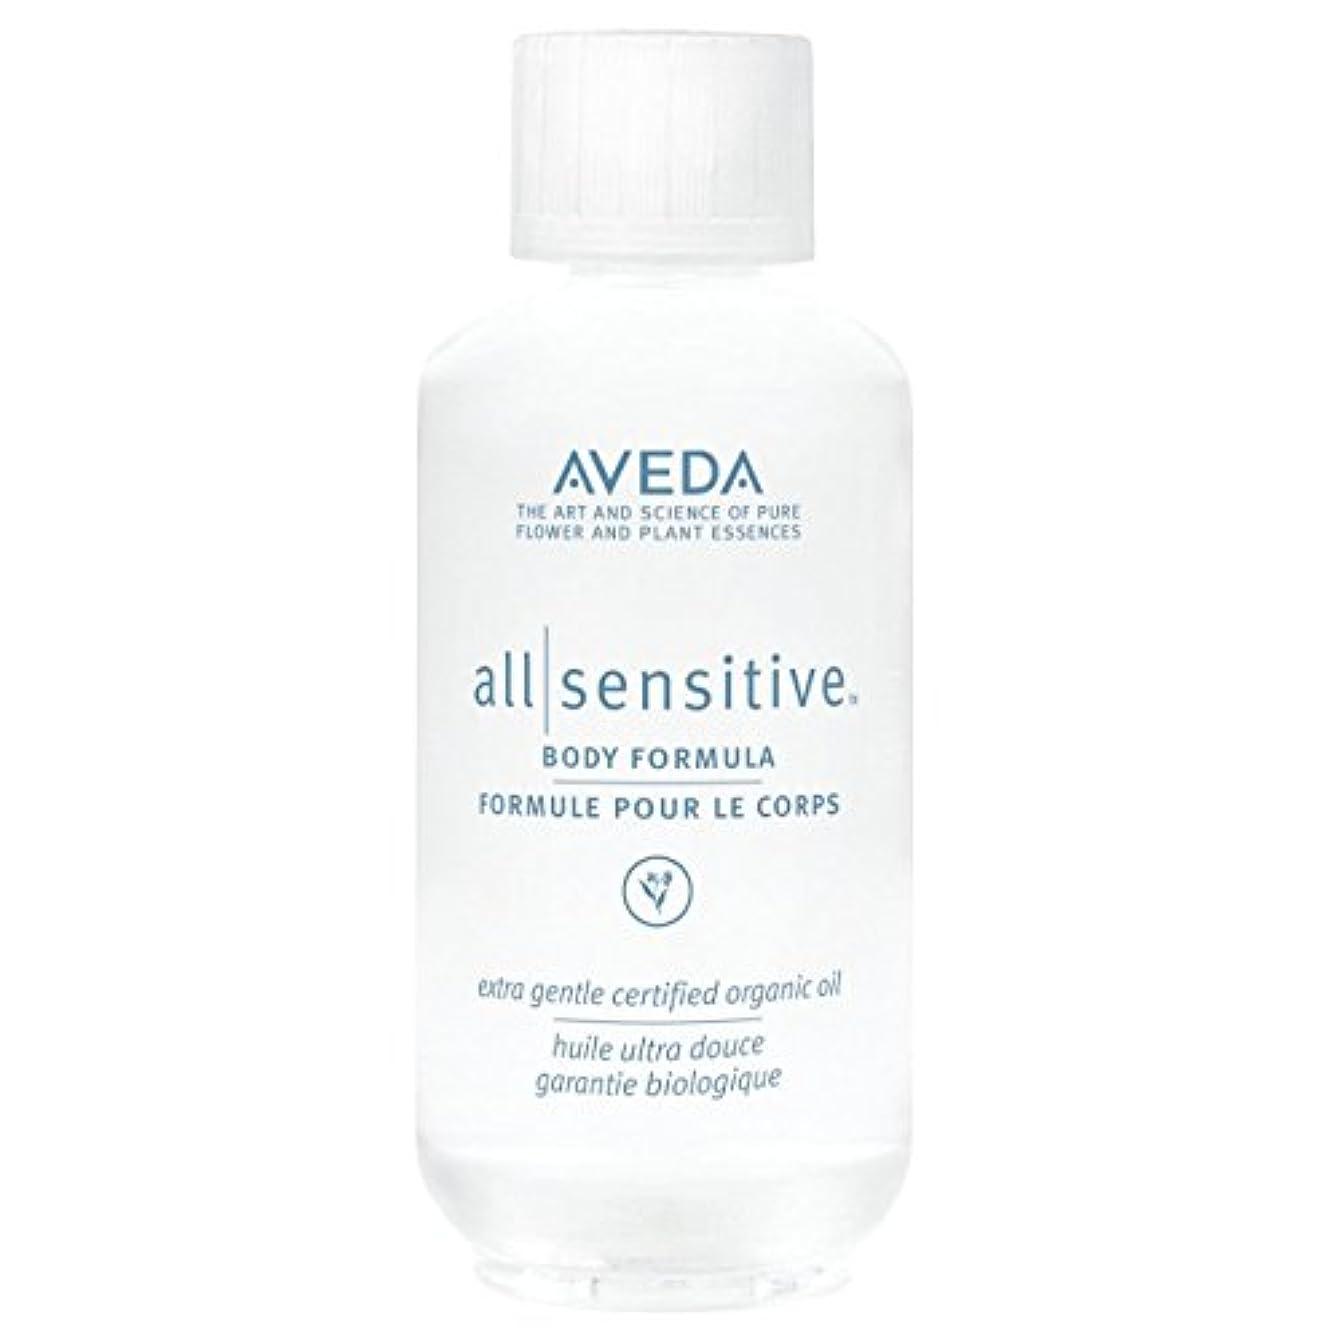 損なう新しさプレーヤー[AVEDA] アヴェダすべての敏感な身体式50ミリリットル - Aveda All Sensitive Body Formula 50ml [並行輸入品]